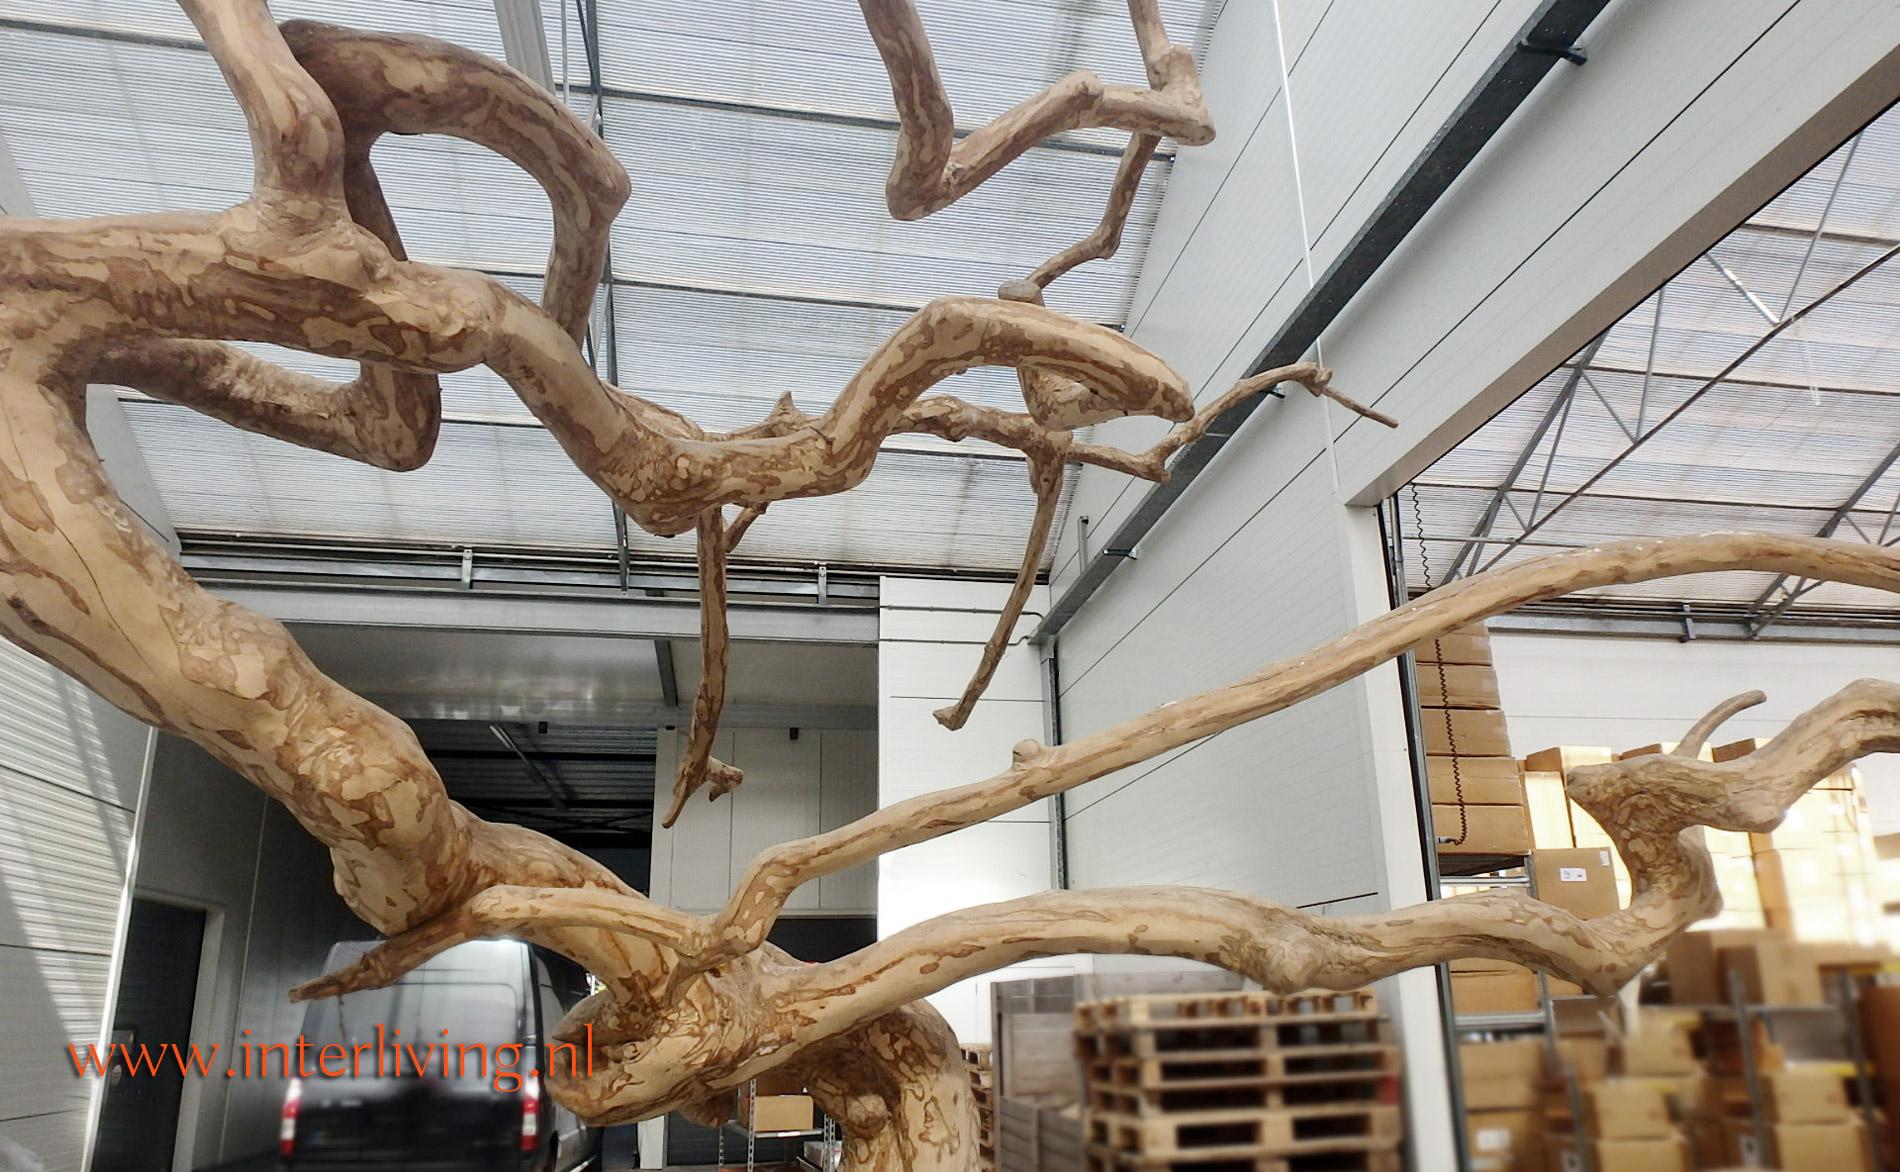 kale boomkapstok met takken - woondecoratie - blank hout - landelijke woonstijl